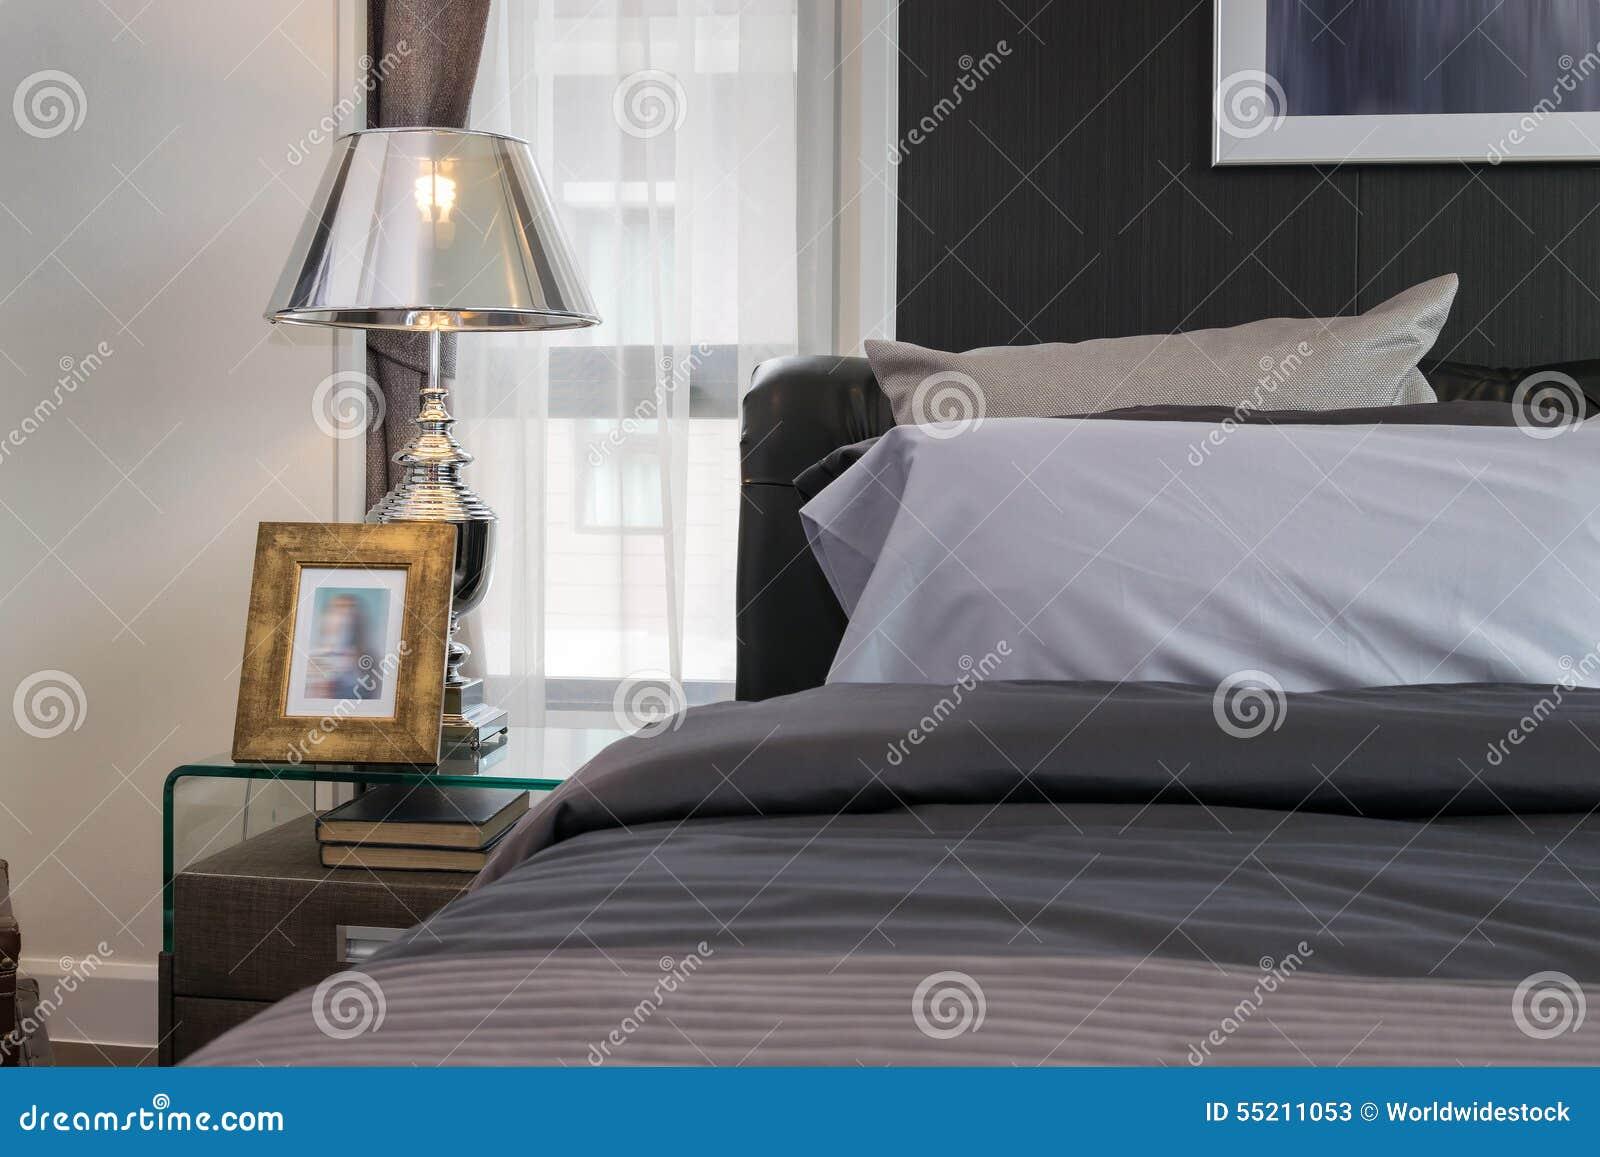 Tableau chambre coucher chambre coucher deco chambre for Miroir dans la chambre